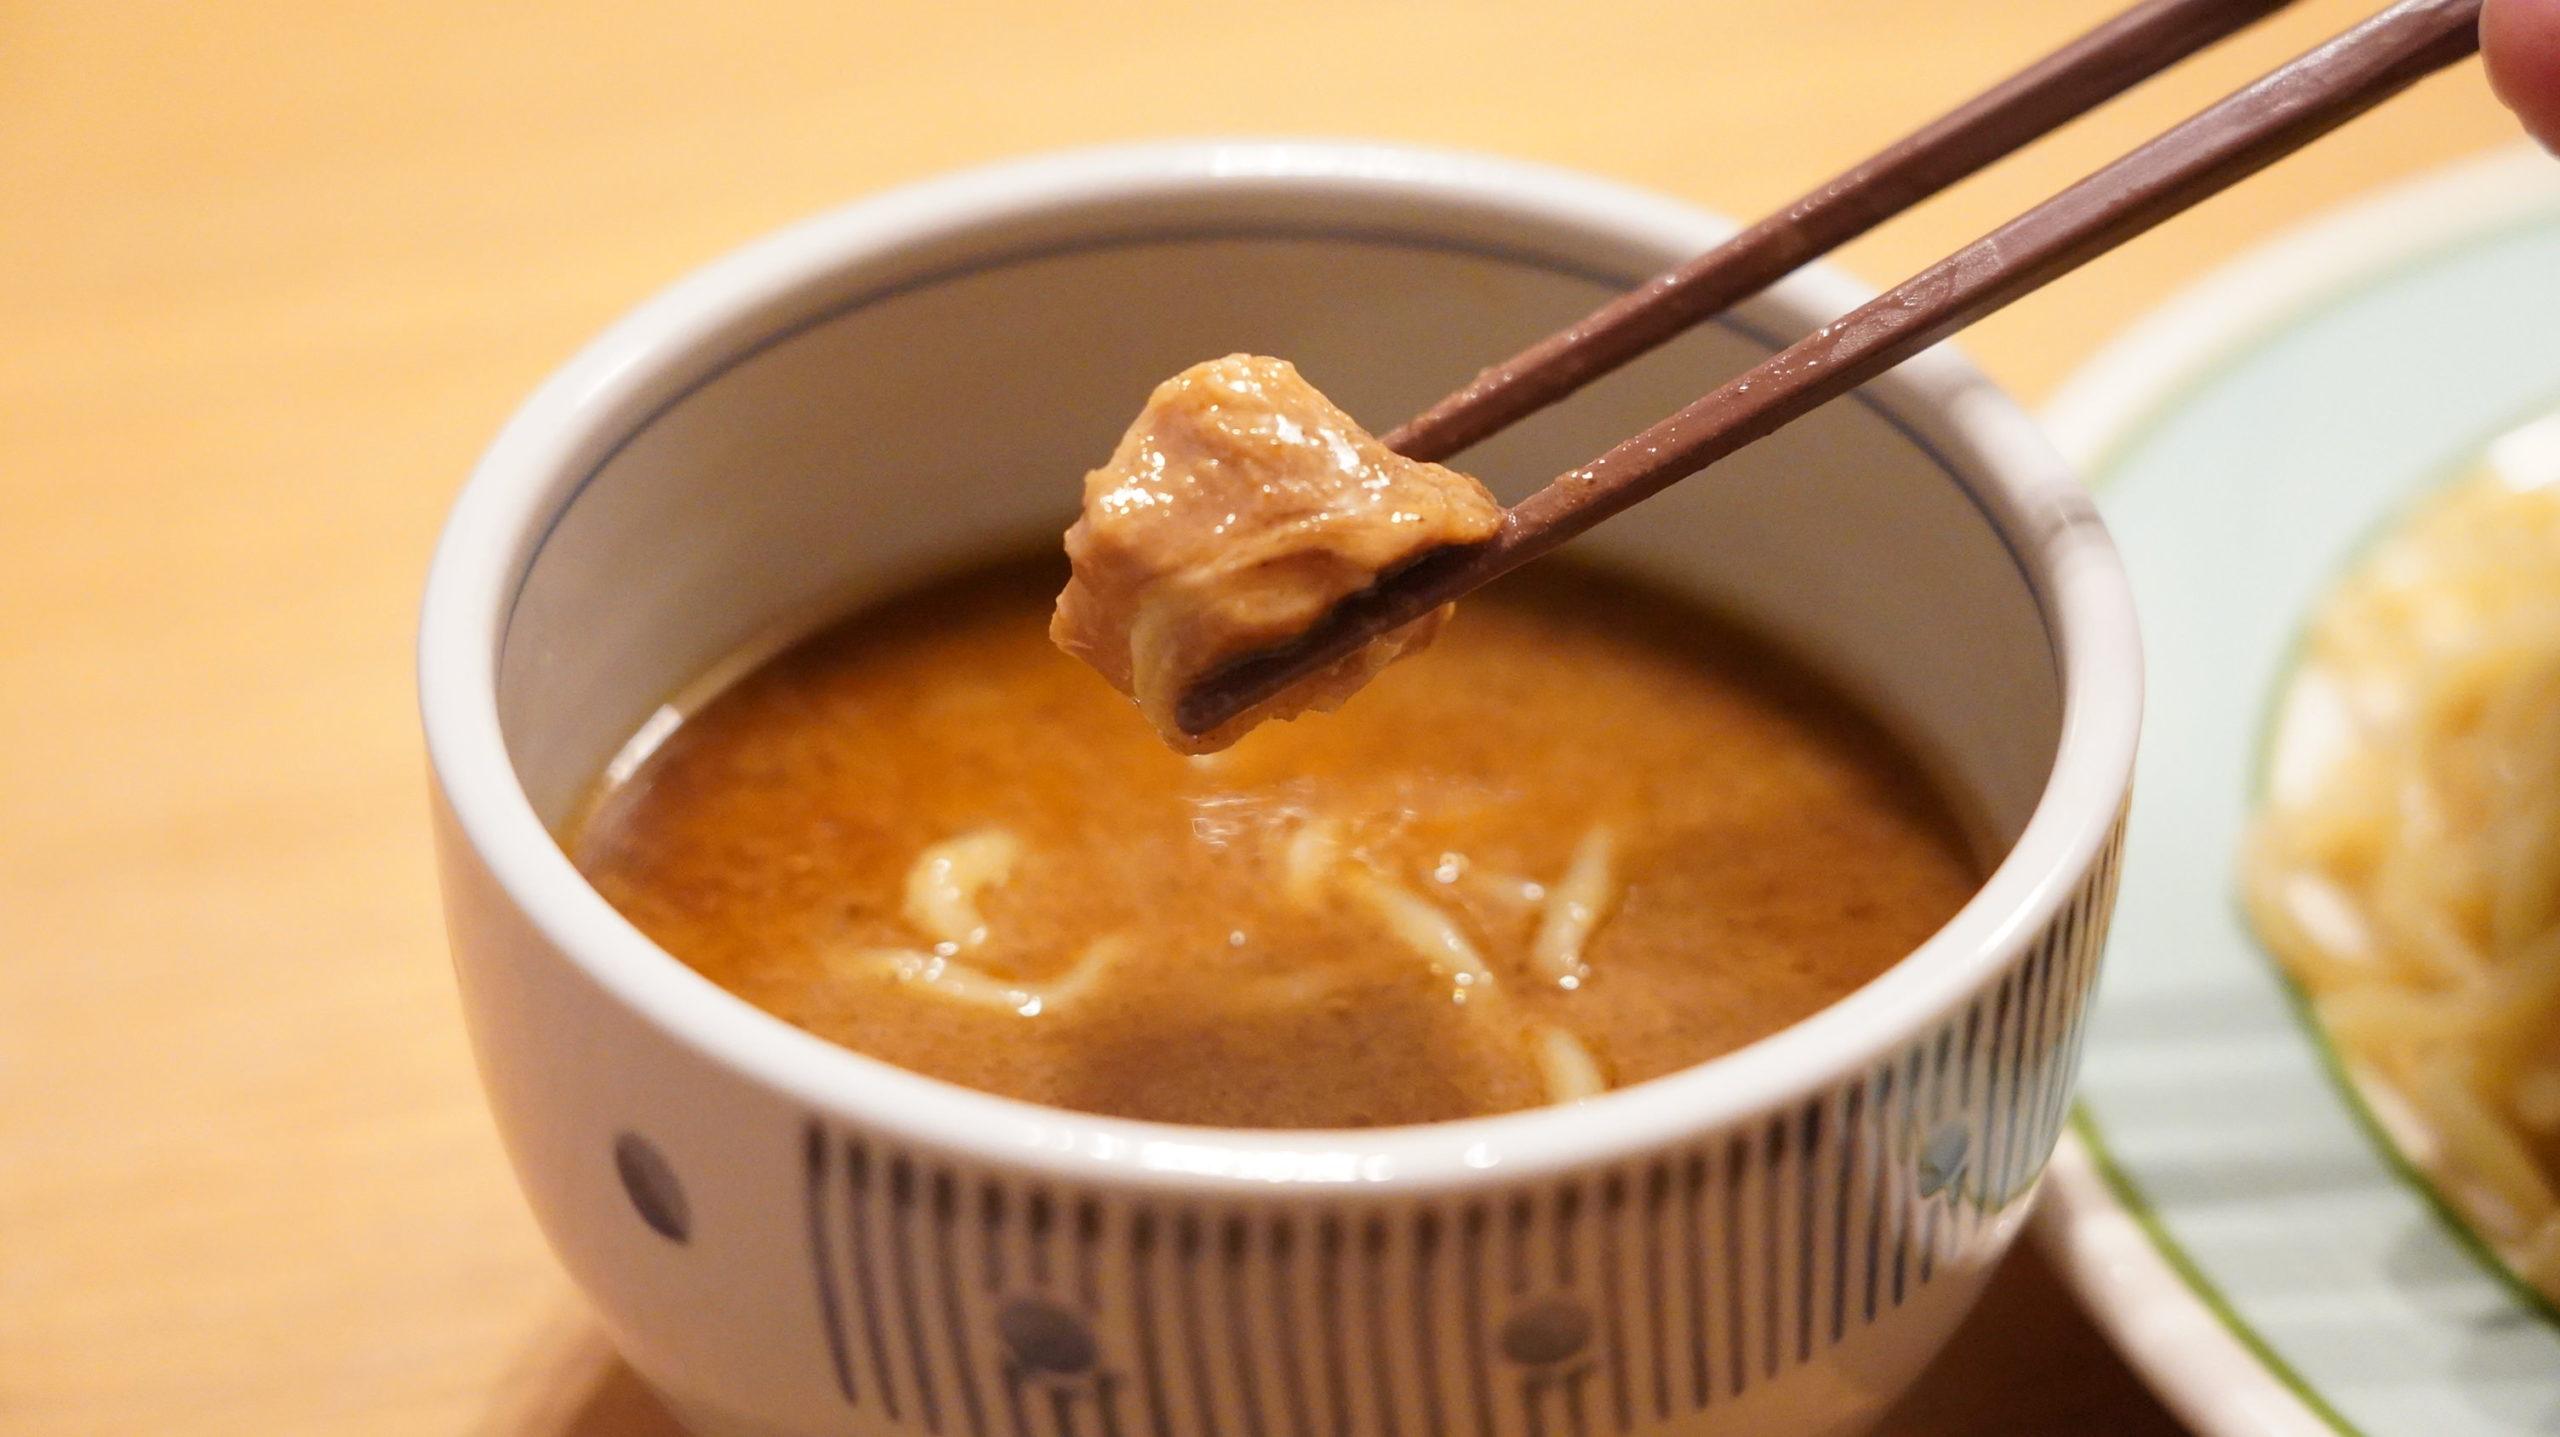 オンライン通販で注文した三田製麺所の「冷凍つけ麺」のスープに入っているお肉の写真